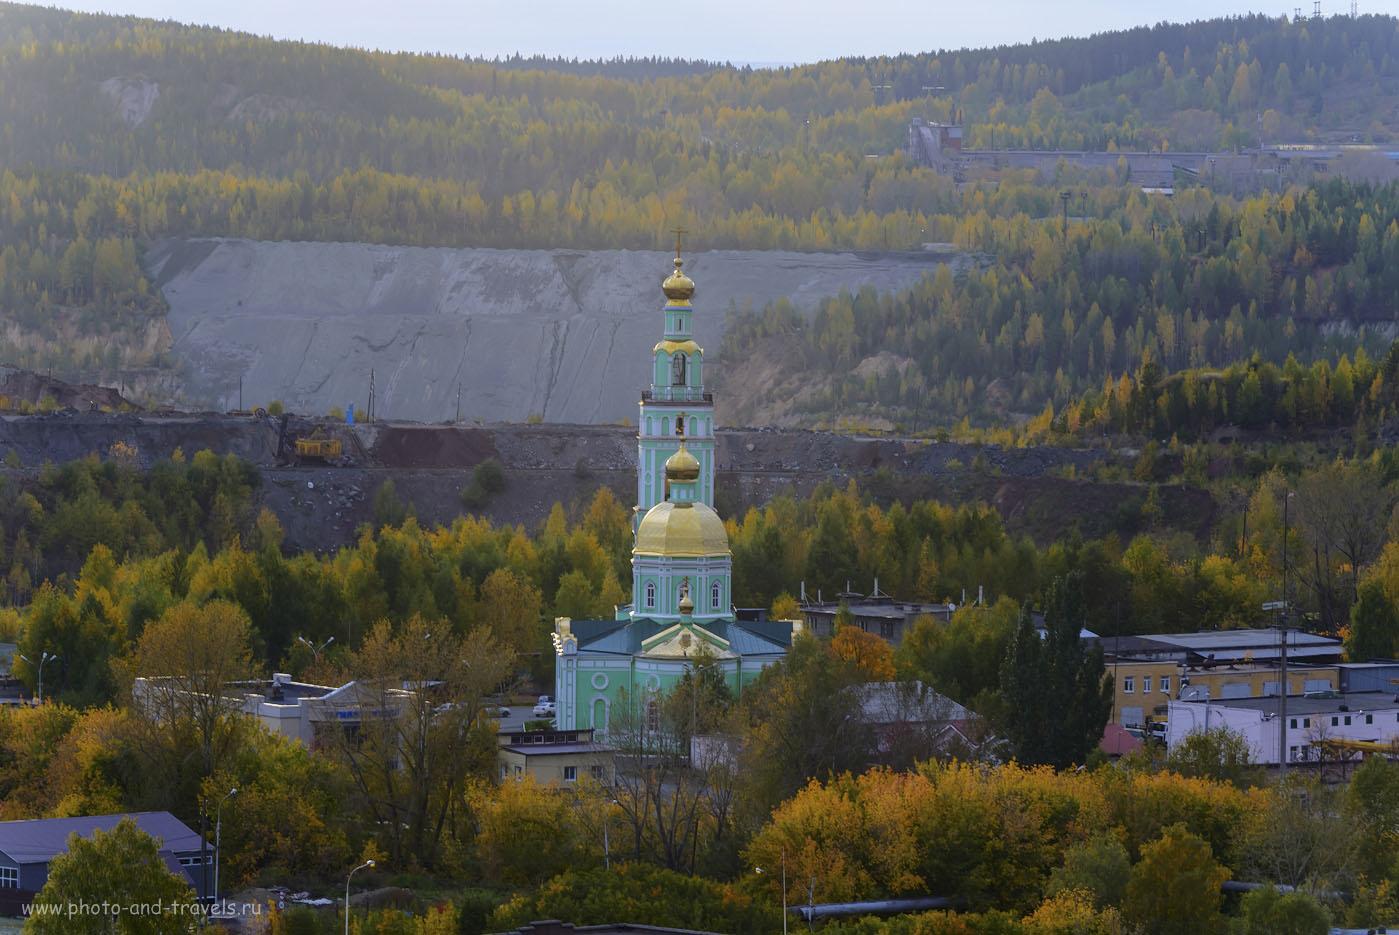 31. В уральских горах уже осень. Съемка с Лисьей горы в Нижнем Тагиле. (100, 200, 8.0, HDR из трех кадров)